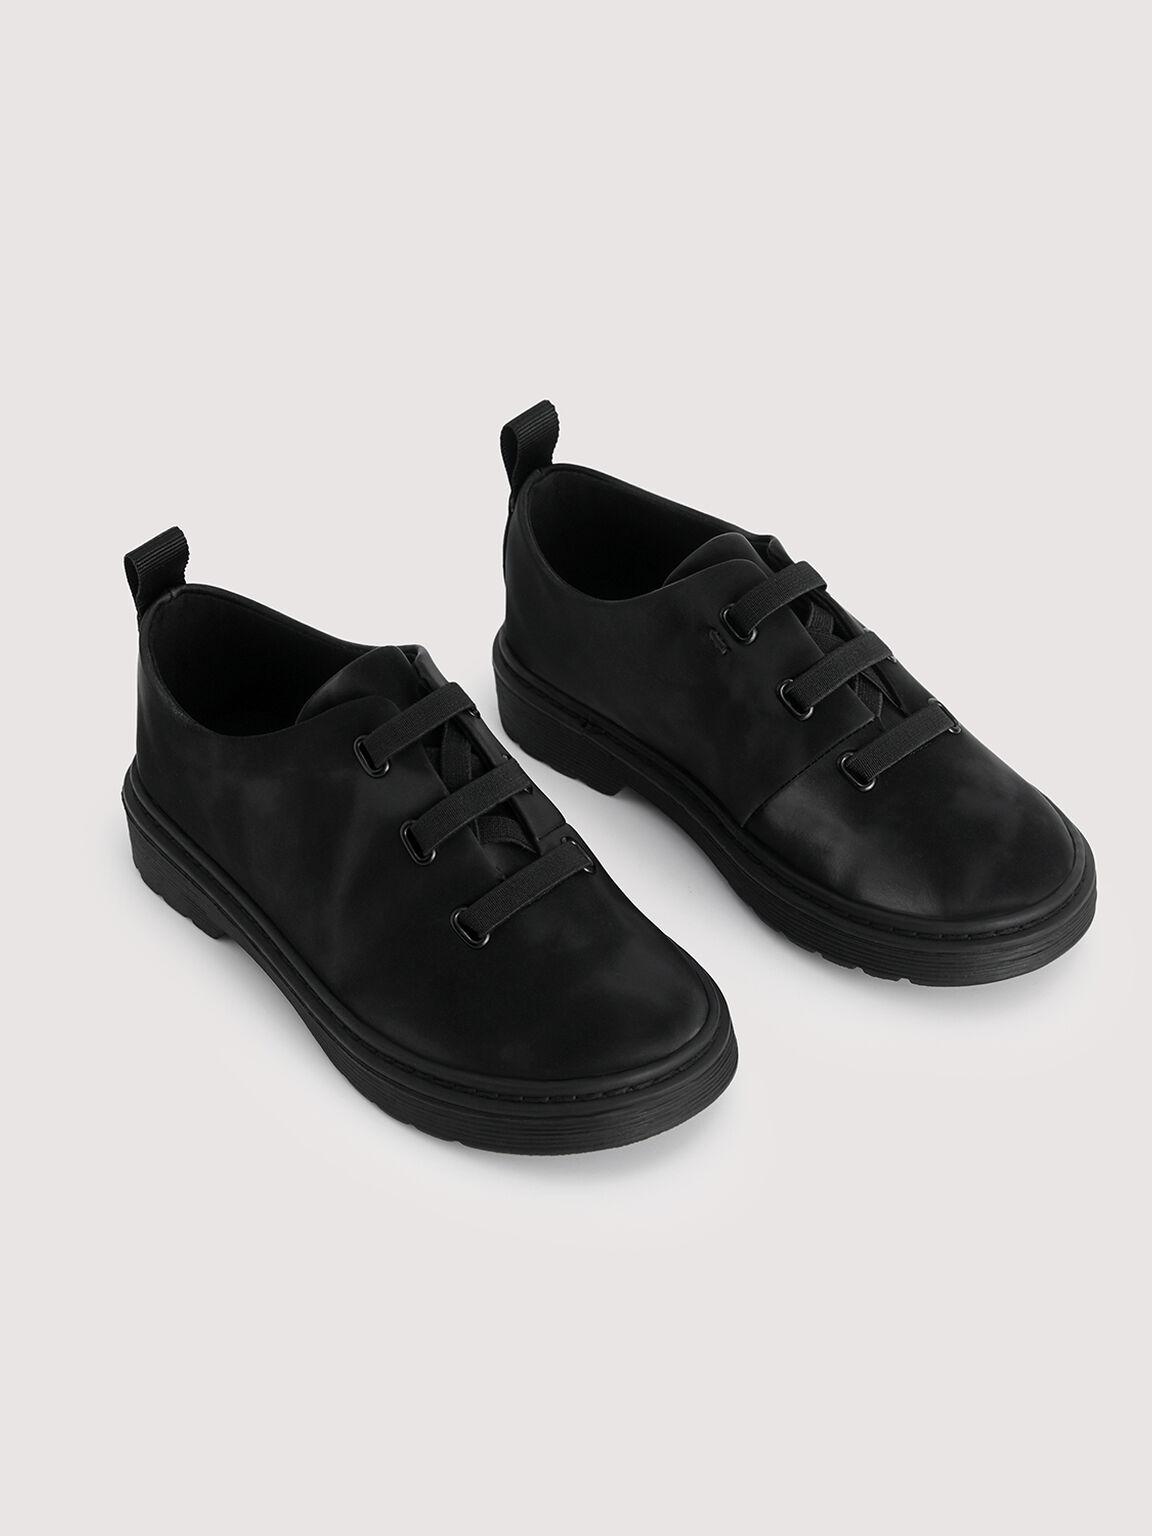 Formal Oxford Shoes, Black, hi-res